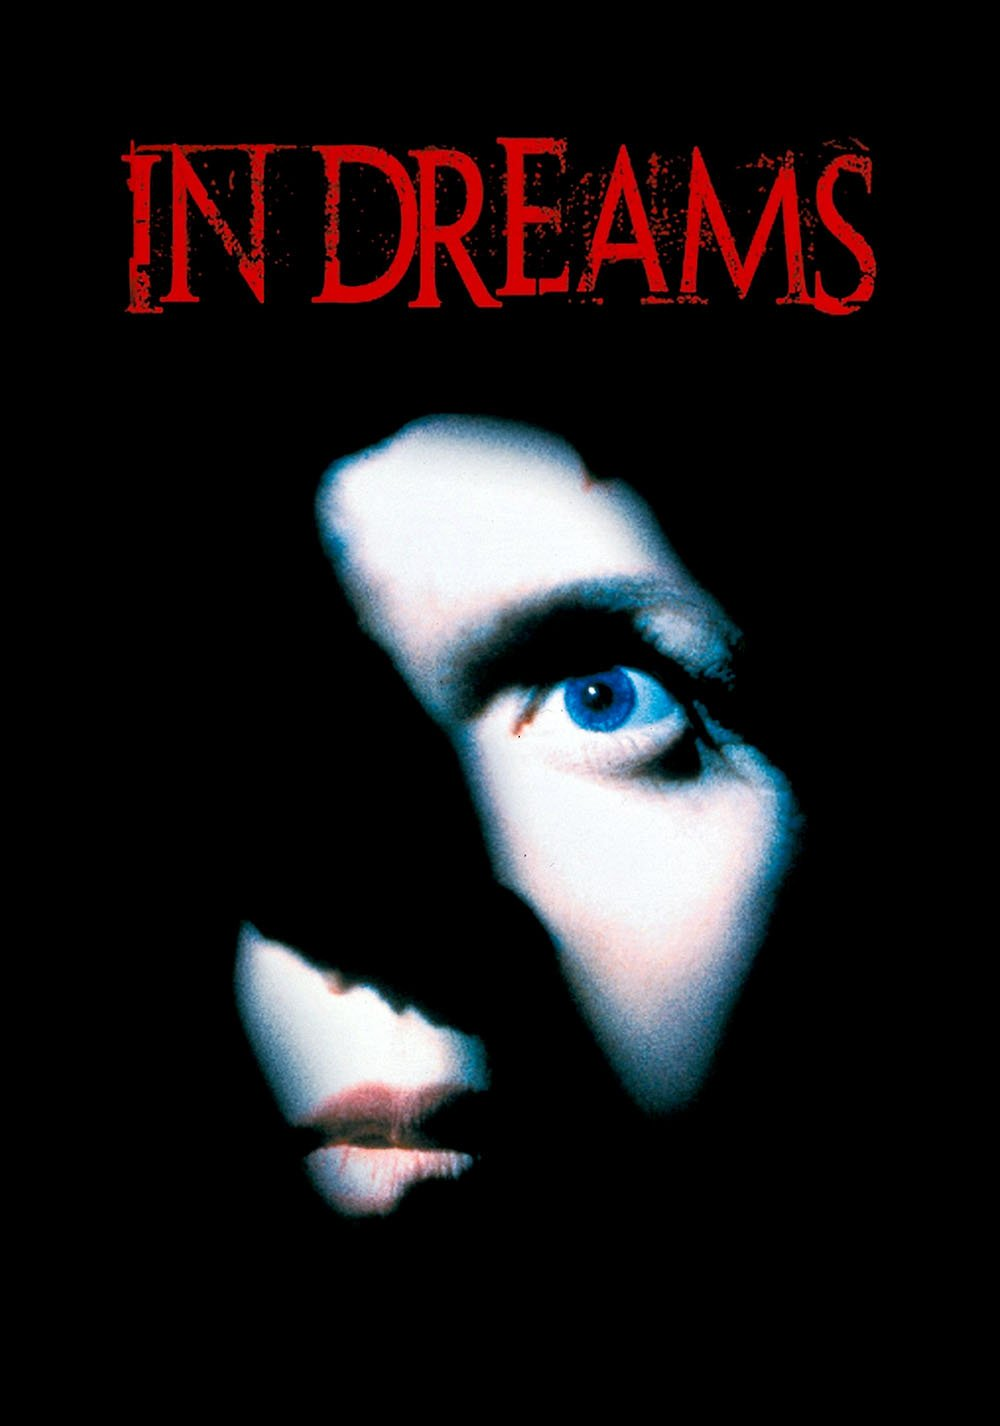 სიზმრები / In Dreams